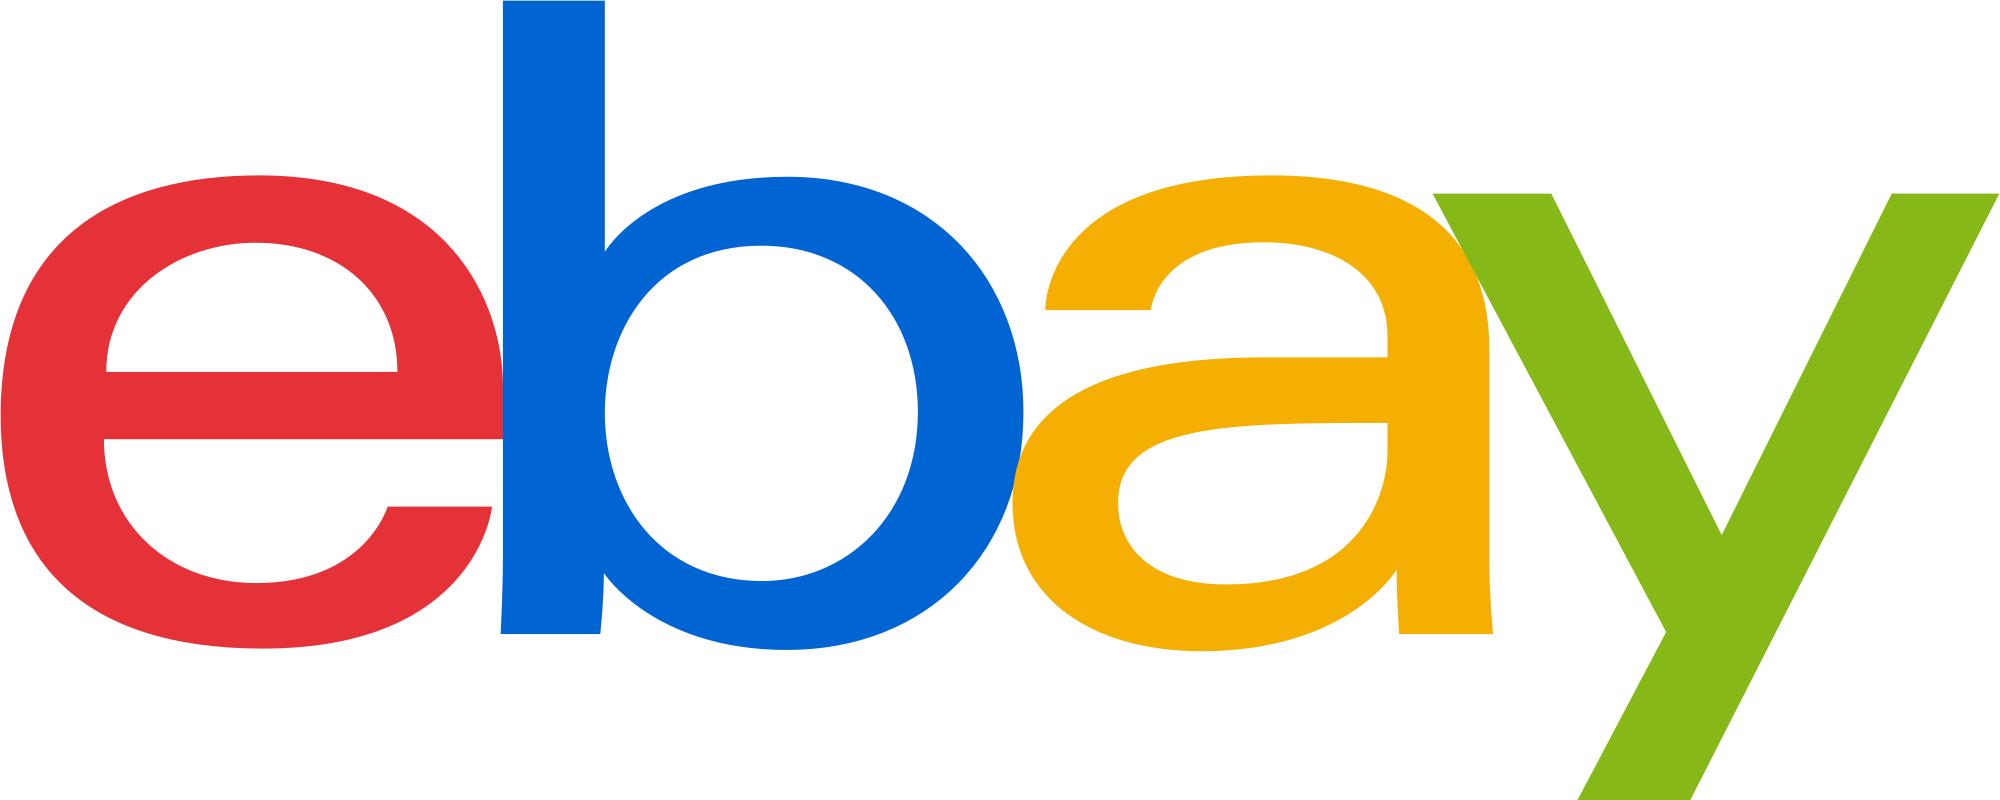 [eBay] 5 x Keine Angebotsgebühren und Verkaufsprovision 0 Cent Angebotsgebühr und Verkaufsprovision für bis zu 5 Angebote